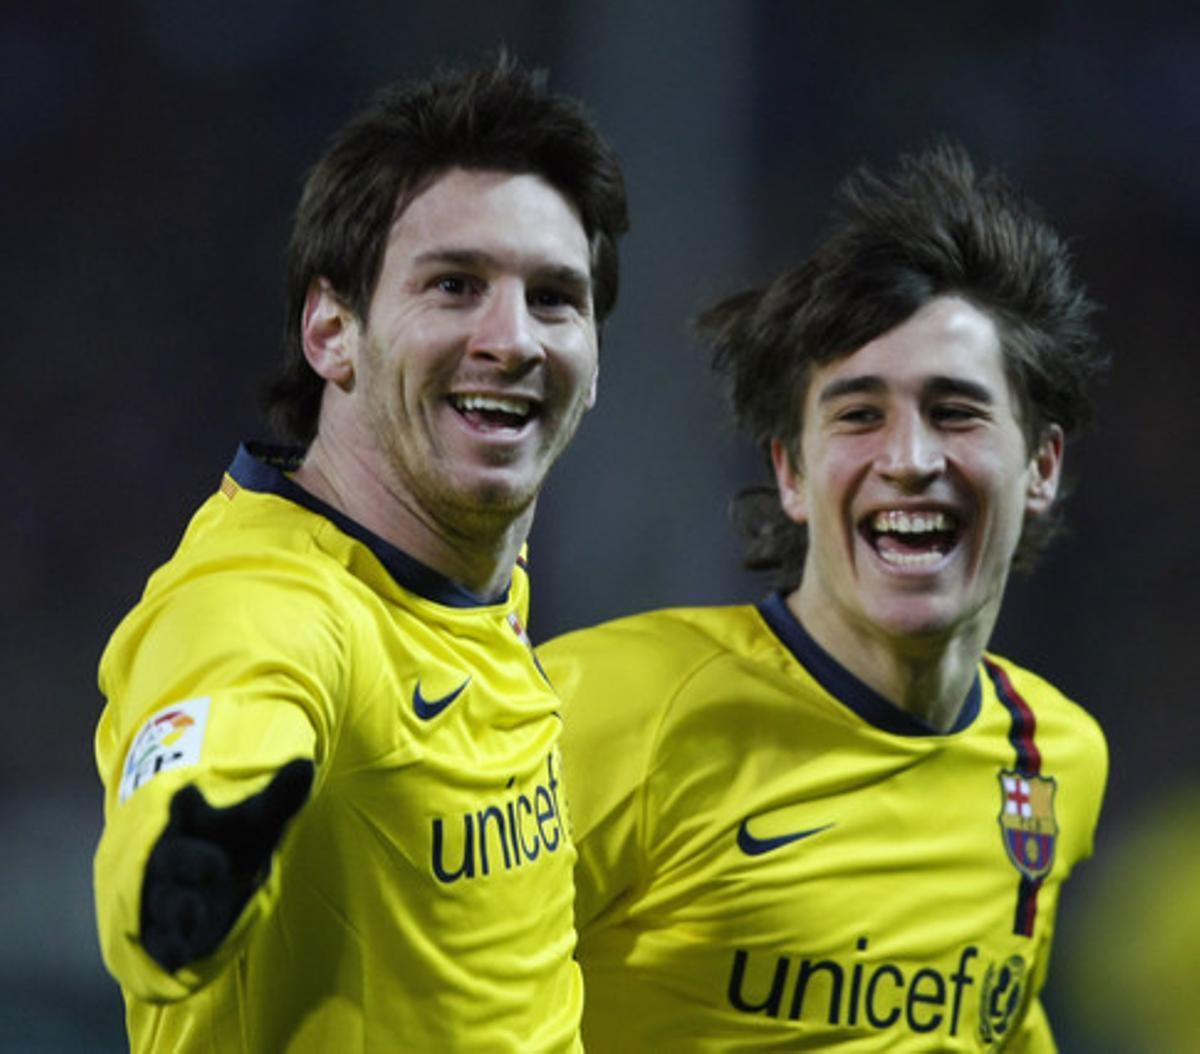 Leo Messi y Bojan Krkic se abrazan tras marcar un gol al Atlético de Madrid, en el 2009.